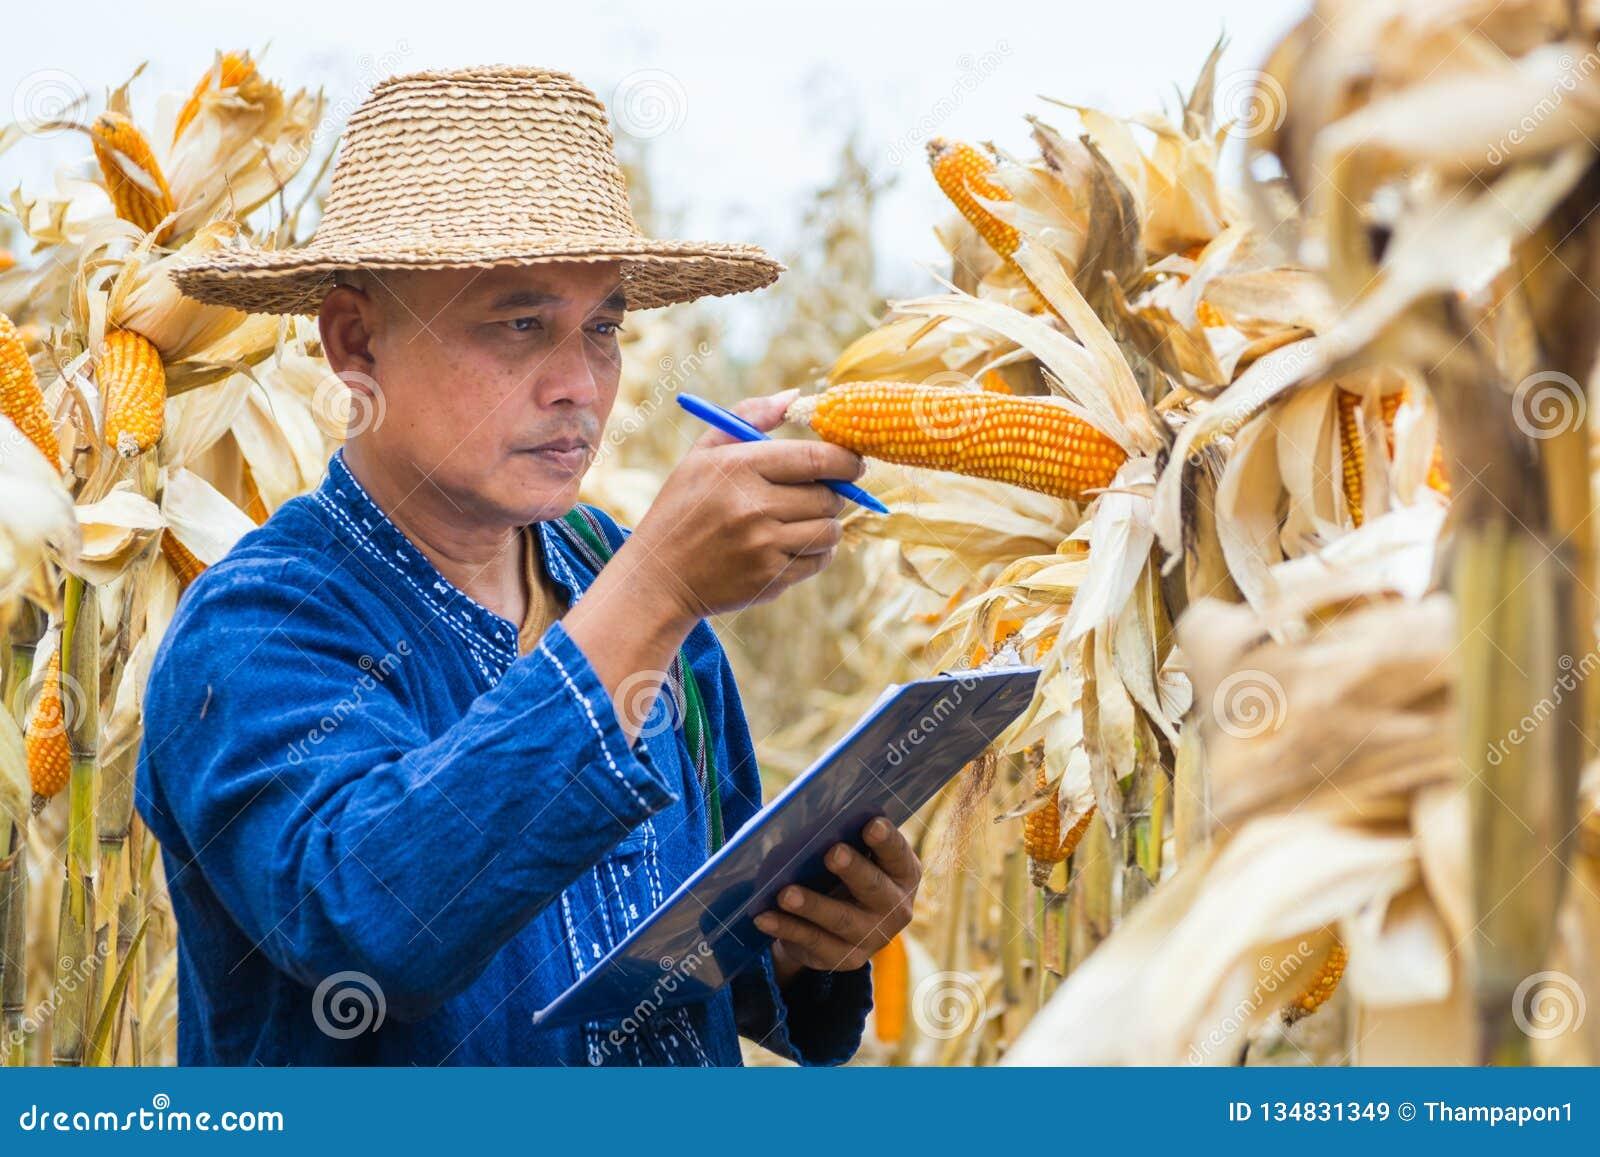 Landwirt oder Biologe kontrollieren Kontrolle oder analysieren und erforschen rohen Maiskolben